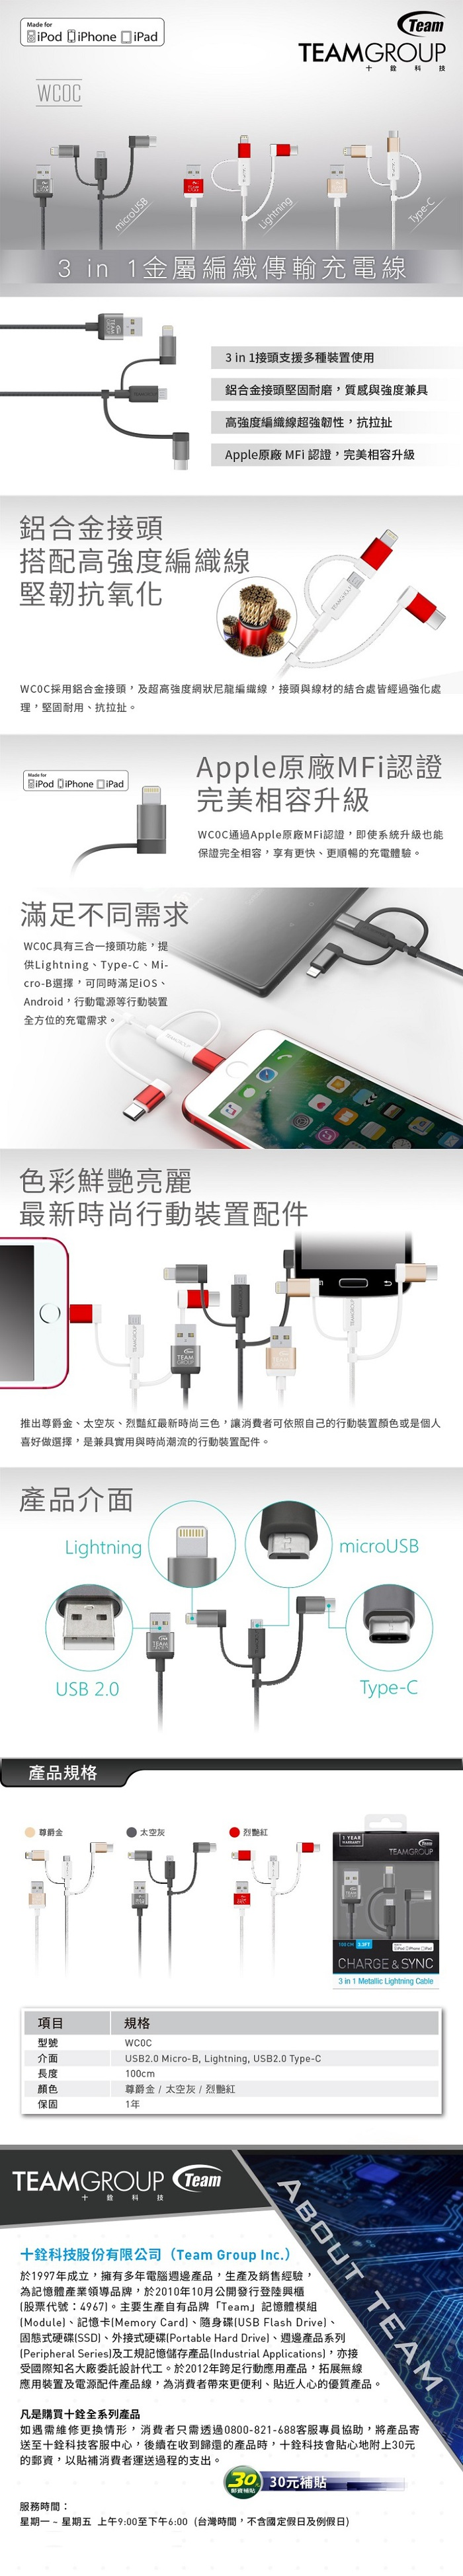 Team Group 十銓|[Apple認證]WC0C- 3合1充電線(Lightning、Type-C、Micro-B)--尊爵金